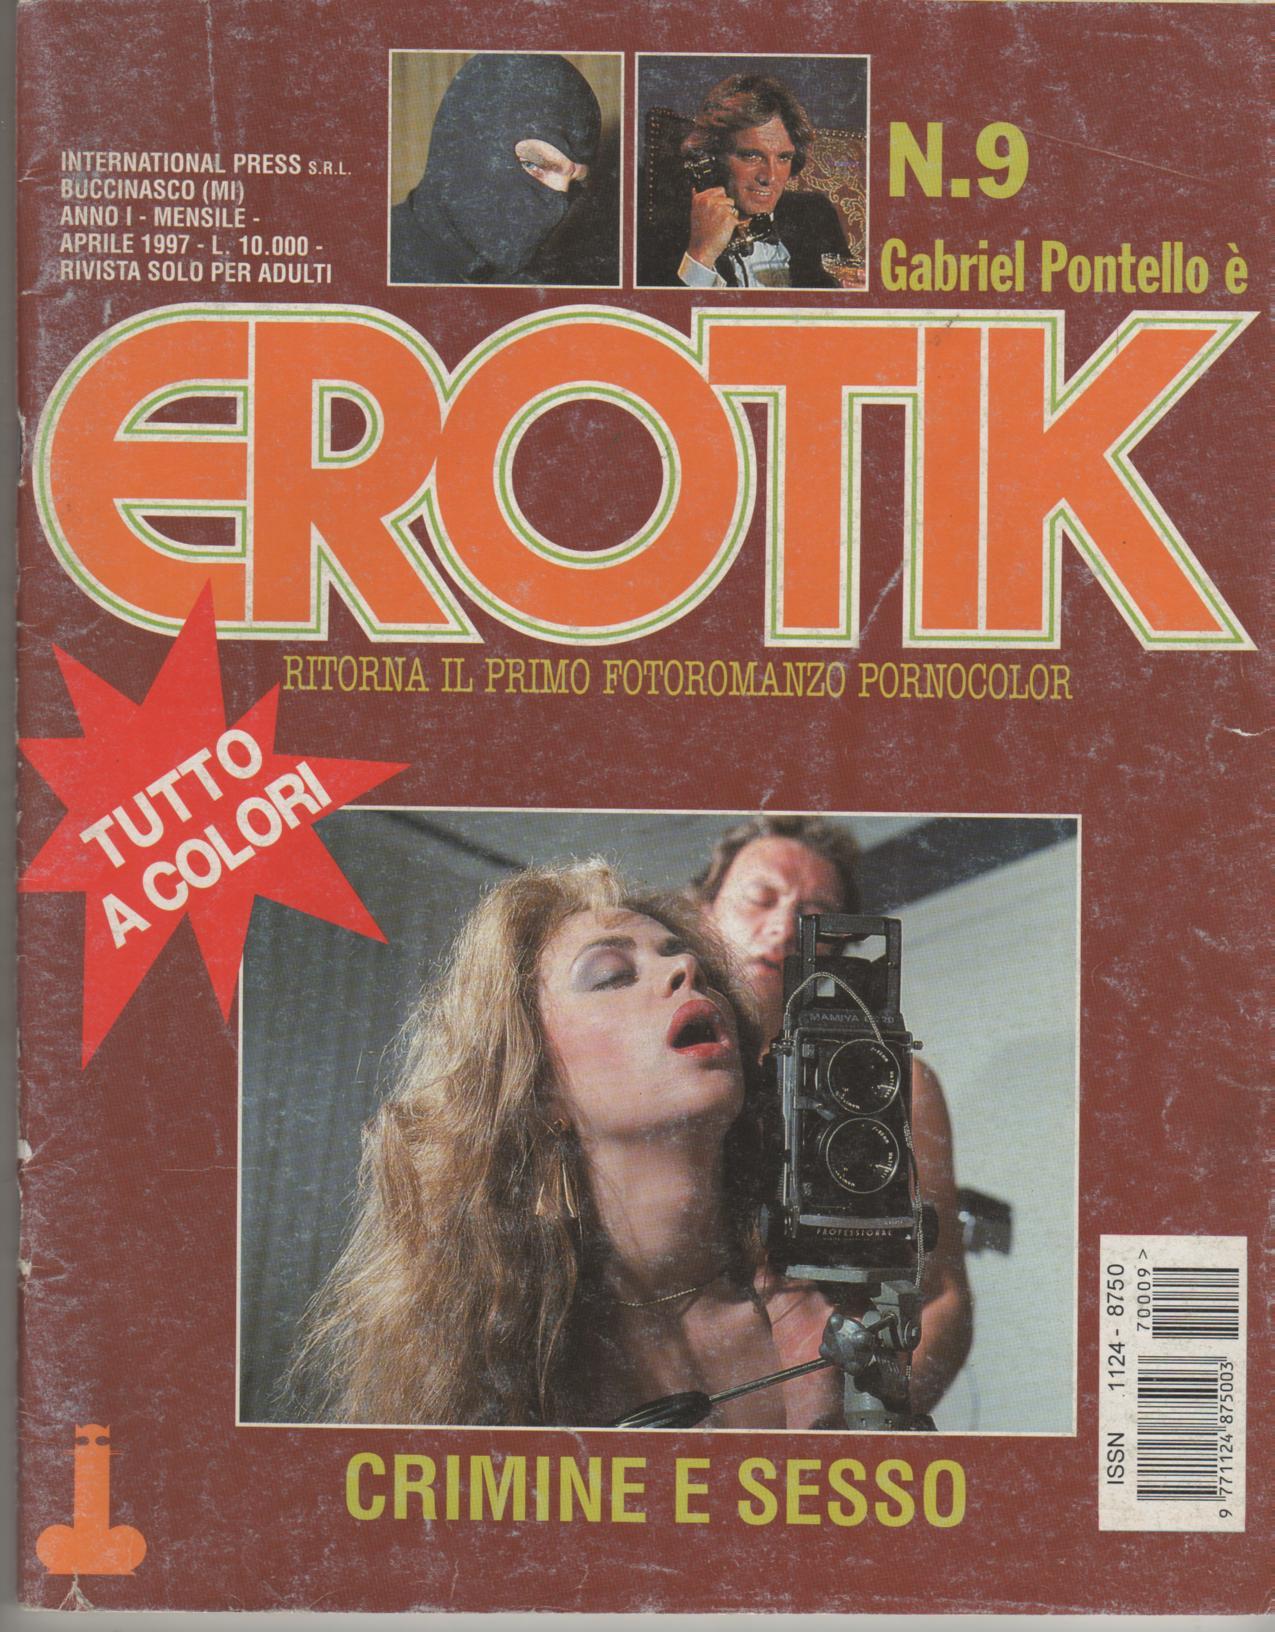 EROTIK  reissue  N. 9    CRIMINE E SESSO